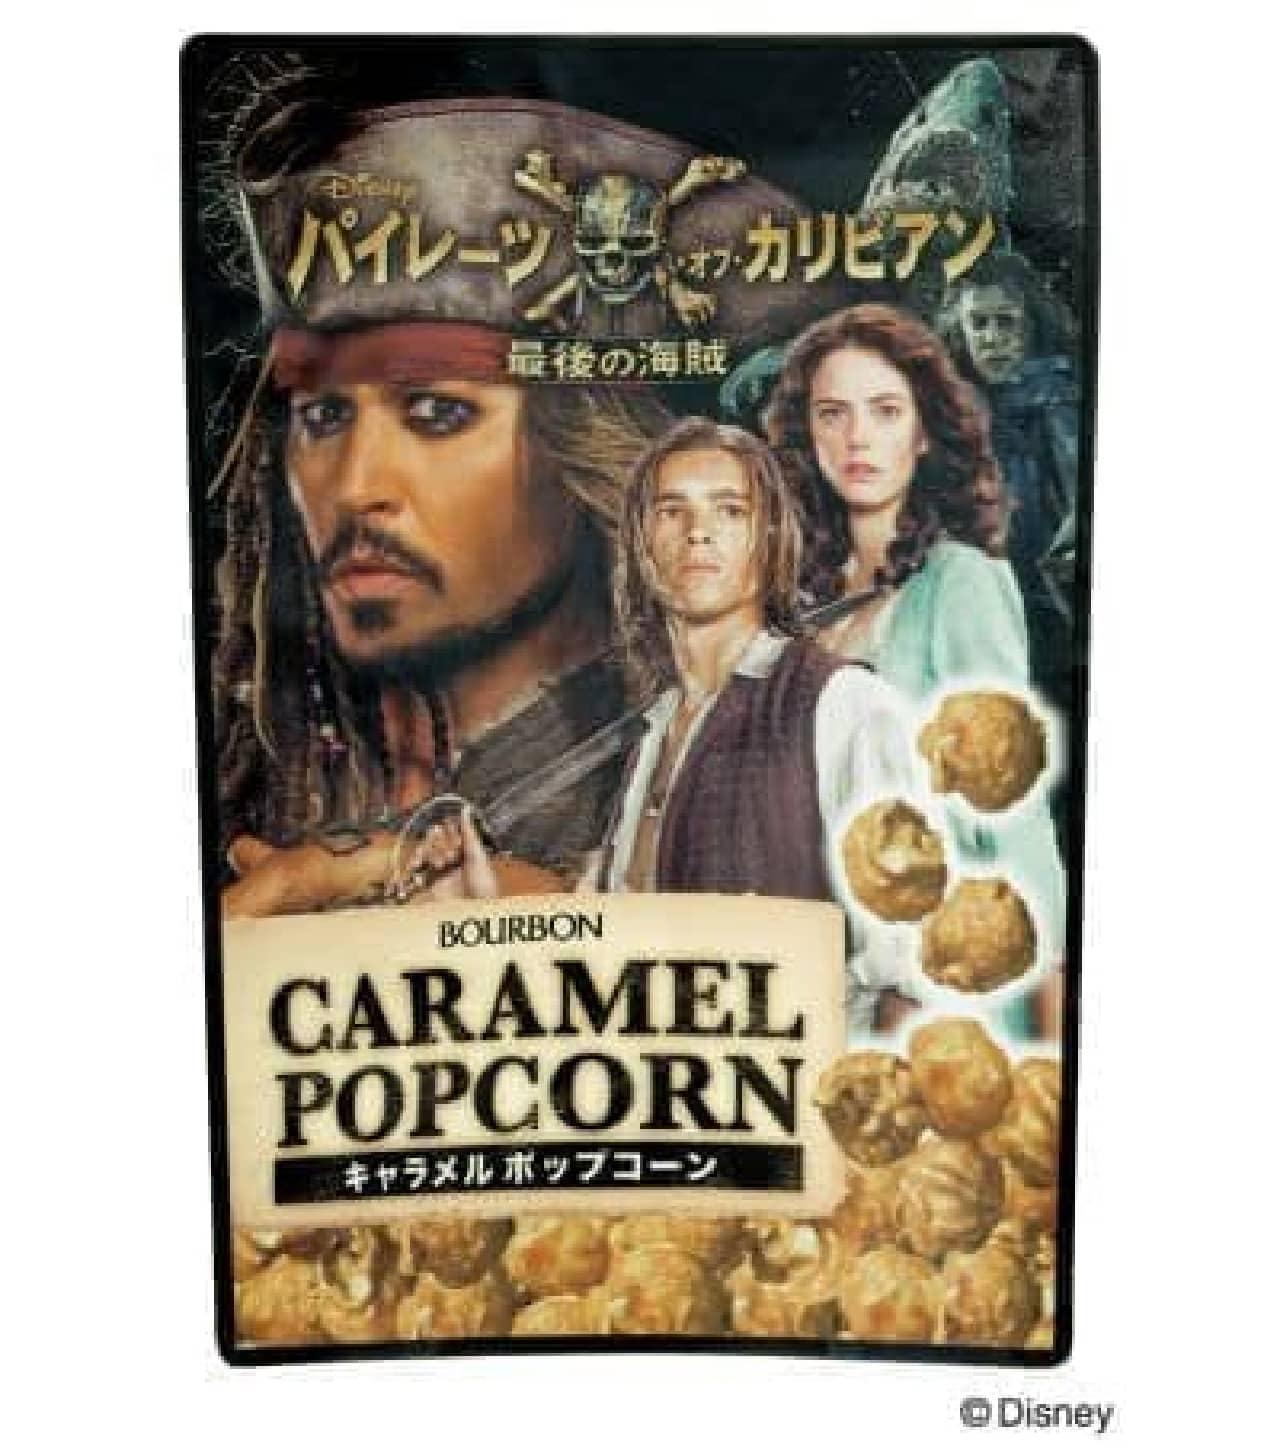 「キャラメルポップコーン」は、パッケージにジャック・スパロウたちがプリントされたポップコーン